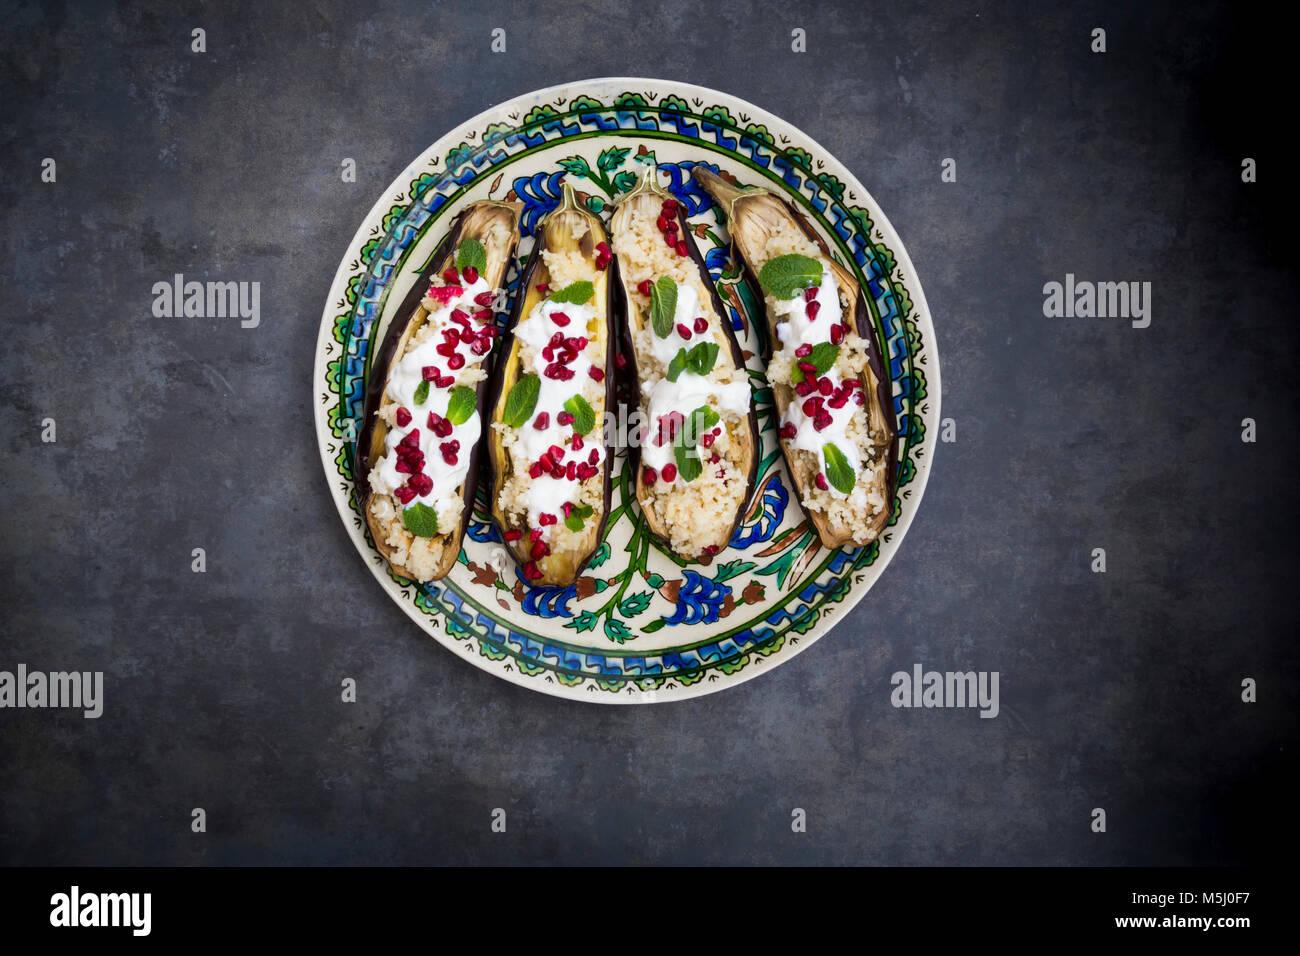 Aubergine rempli, couscous, sauce yogourt, menthe et graines de grenade Photo Stock